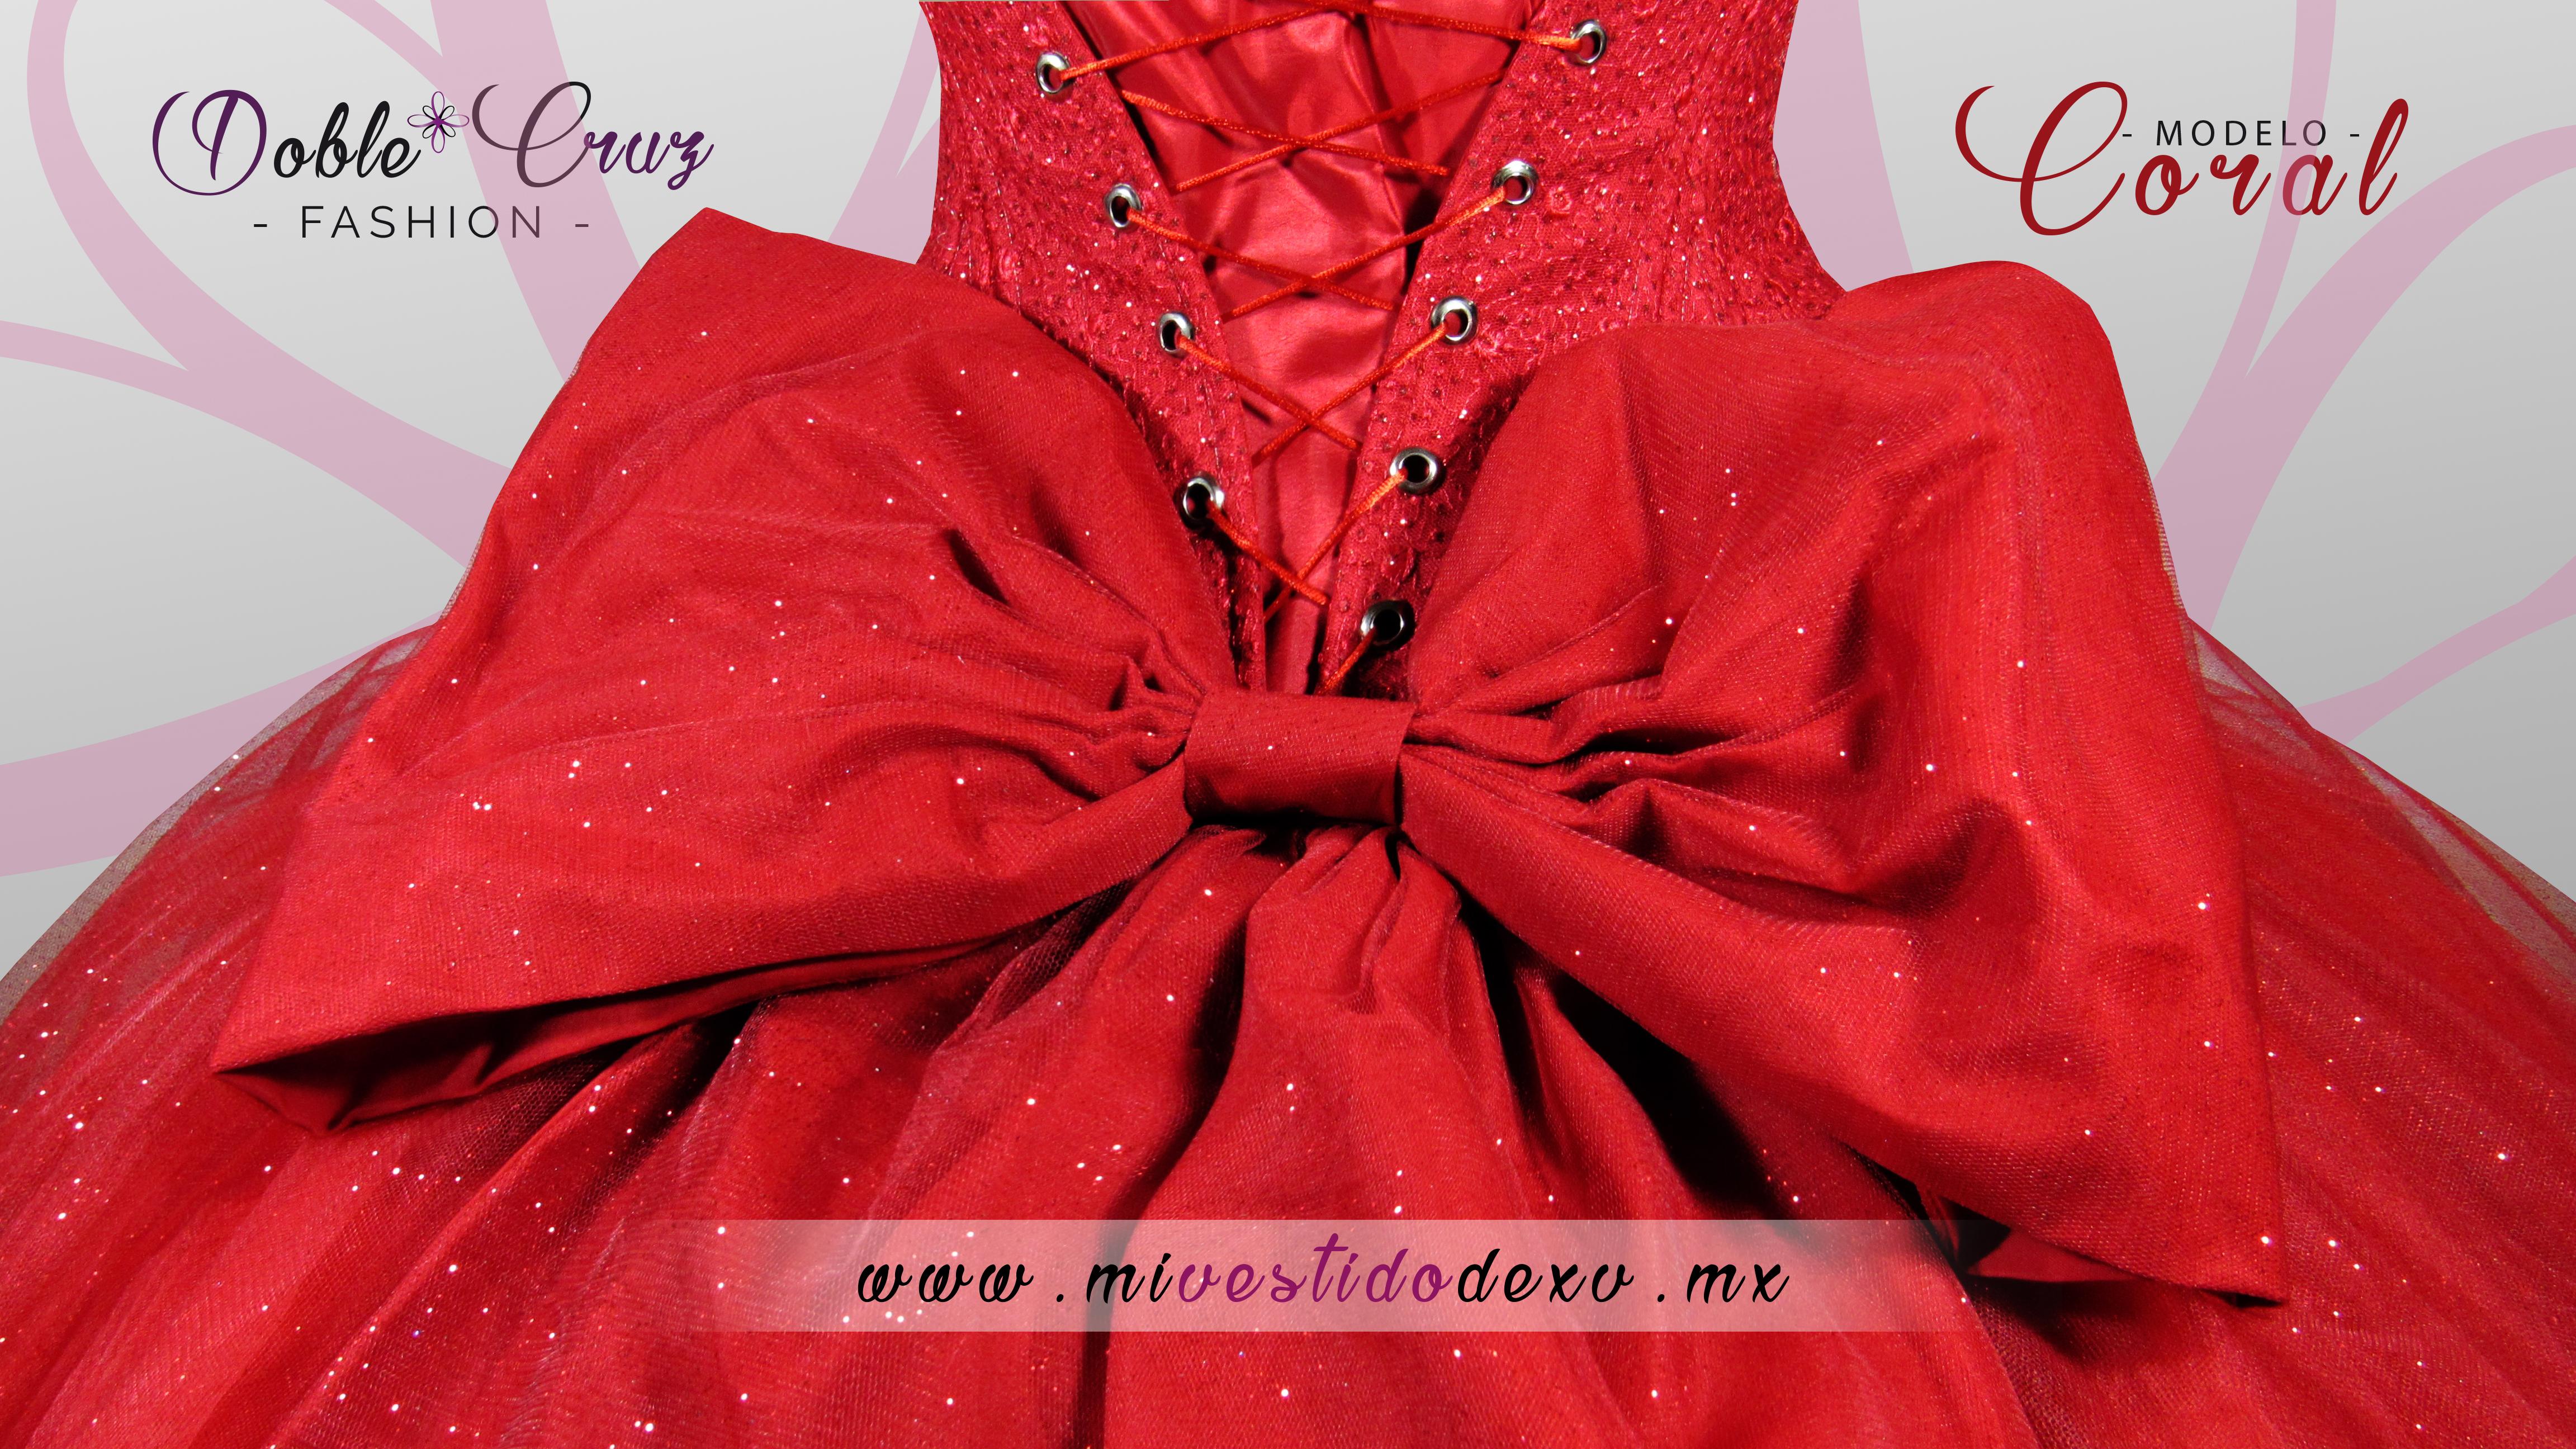 Maravillosos vestidos rojo de 15 años para fiestas